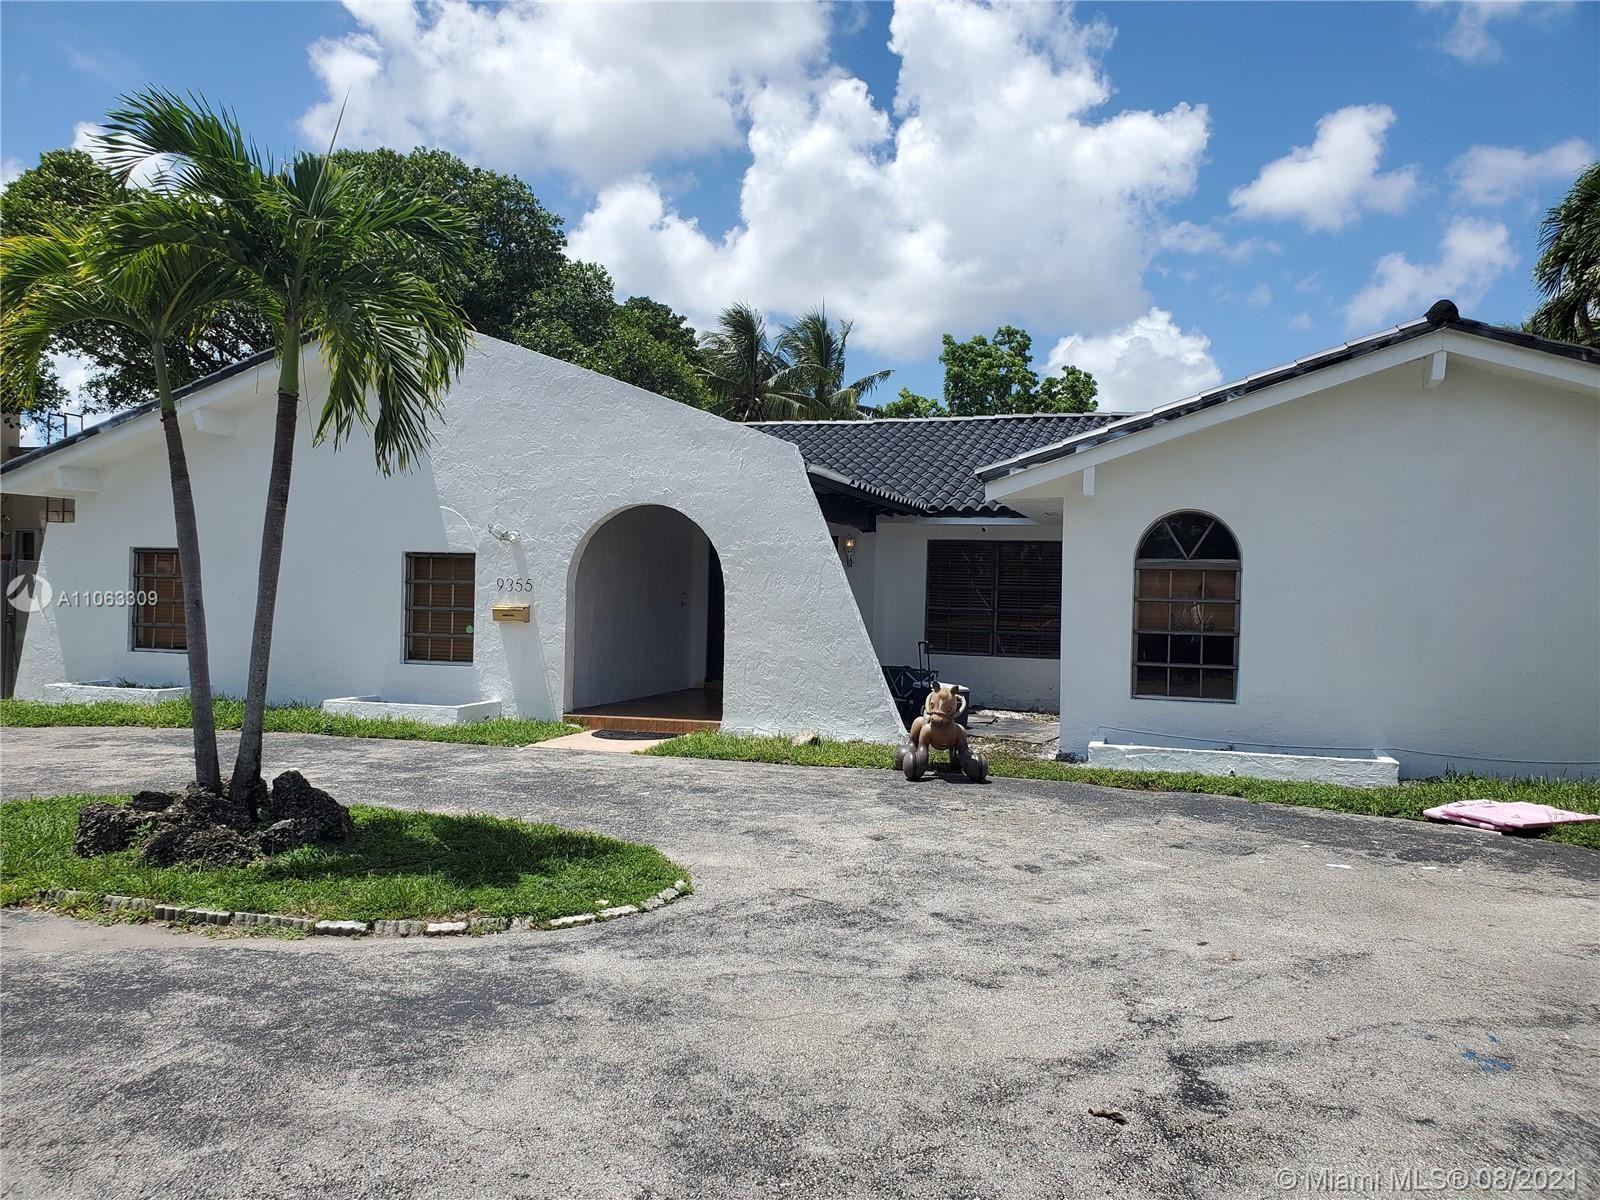 9355 SW 24th St, Miami, FL 33165 - #: A11063309